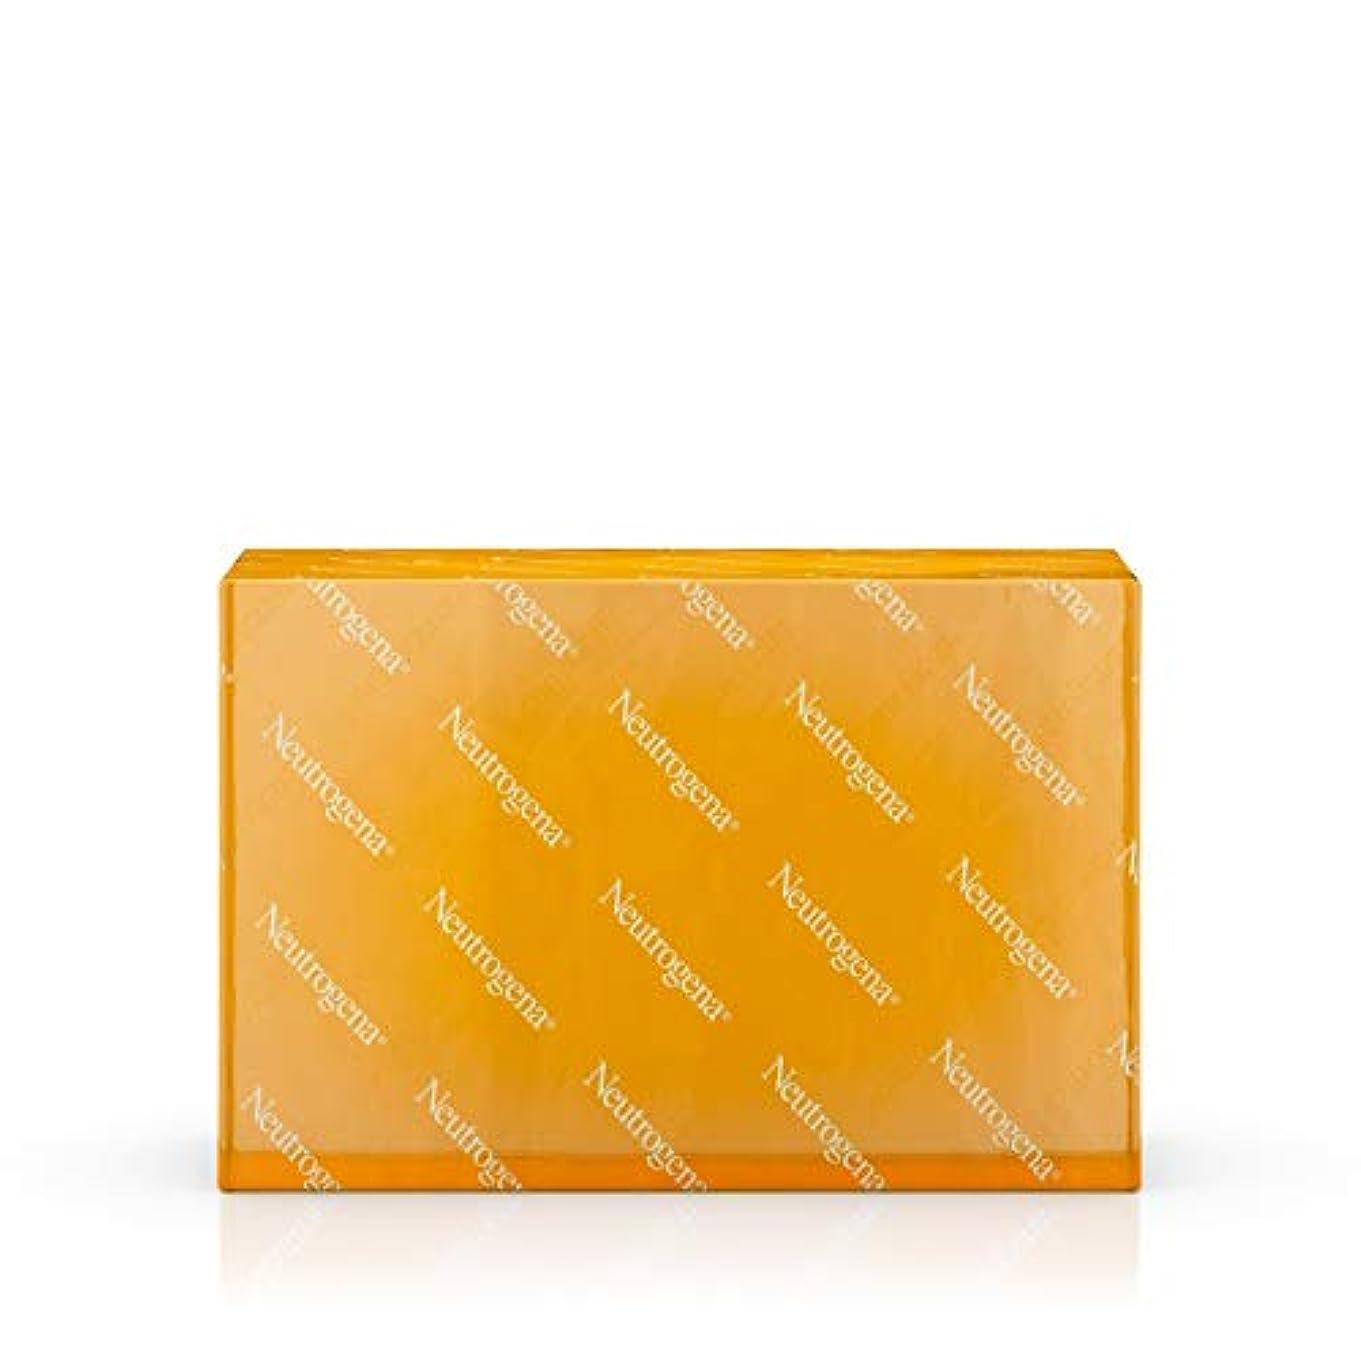 飢刺激する社説Neutrogena Original Formula Transparent Facial Bar 100 ml (並行輸入品)